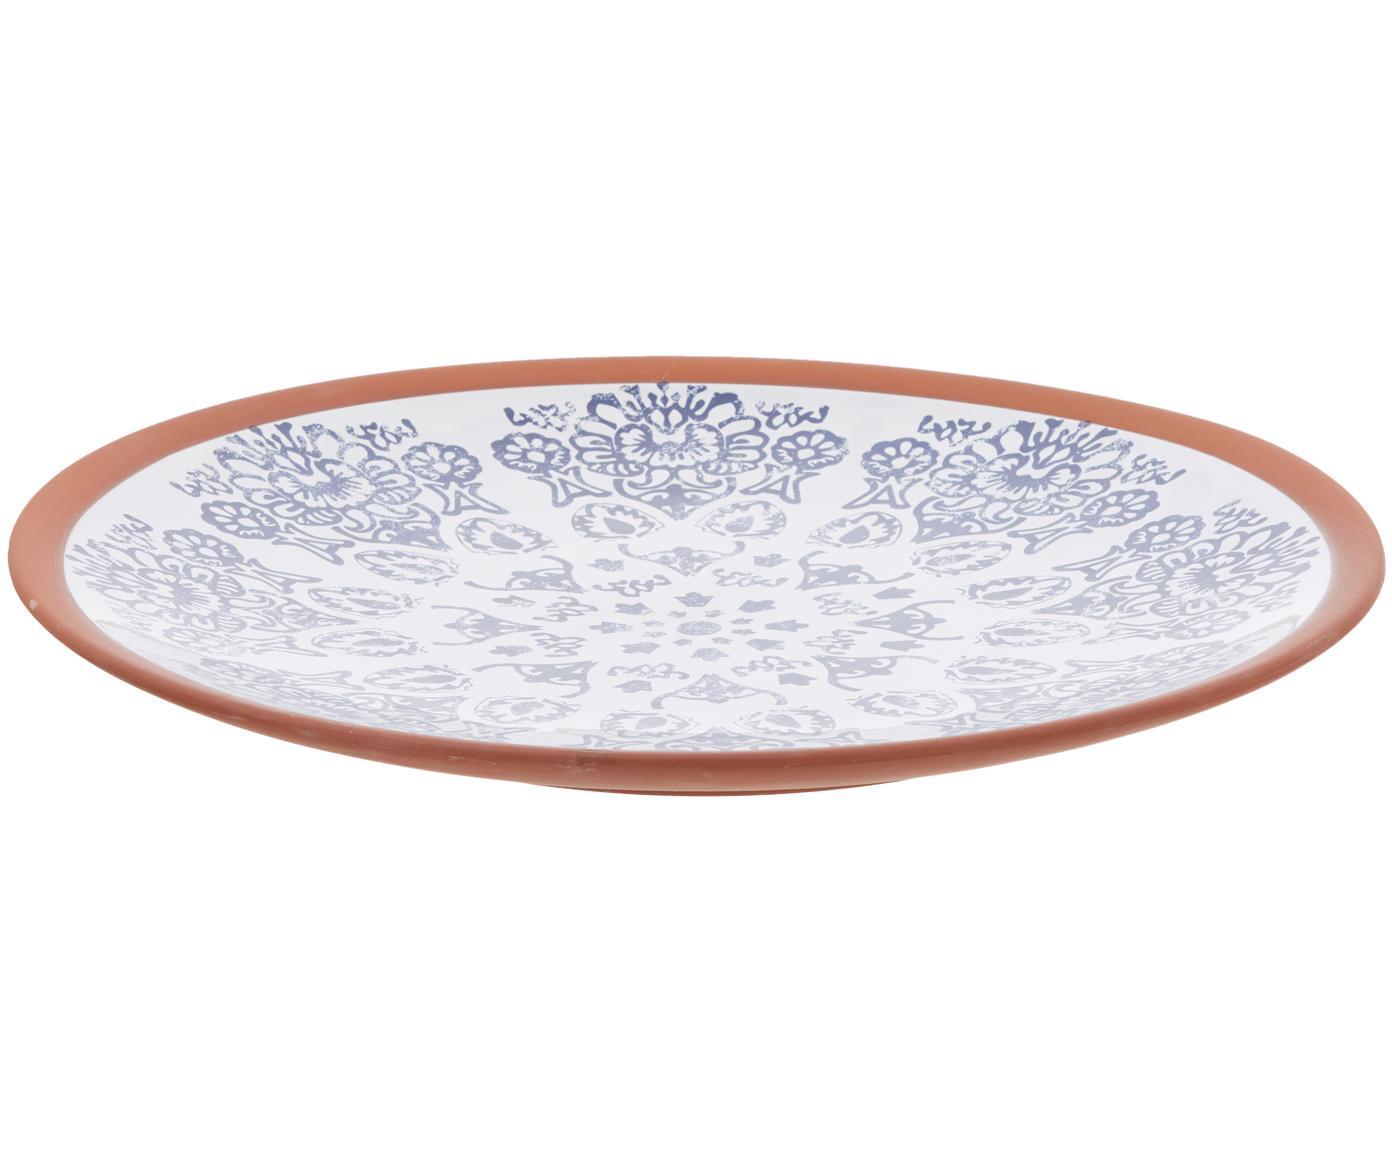 Piatto da portata fatto a mano Tapas, Terracotta, Blu, bianco, marrone, Ø 37 x Alt. 6 cm